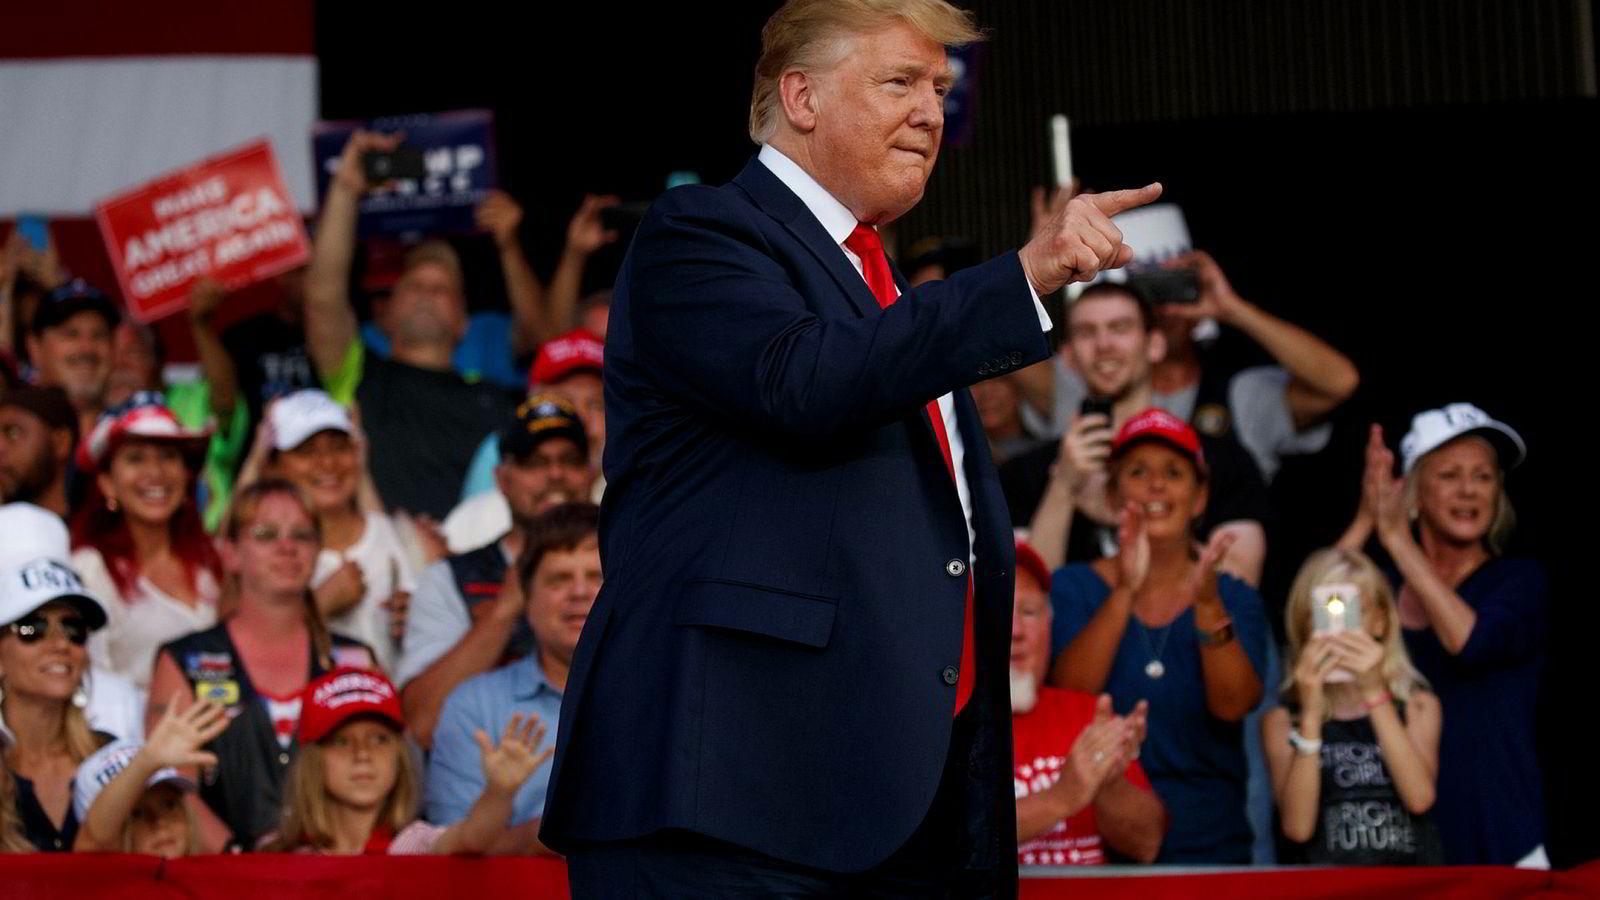 USAs president Donald Trump langet ut mot Kina under et valgkamprally i Florida. Forhandlere fra USA og Kina må få på plass en handelsavtale i løpet av torsdag. Hvis ikke vil USA mer enn doble straffetollen på kinesiske produkter verdt 200 milliarder dollar – fra 10 til 25 prosent.